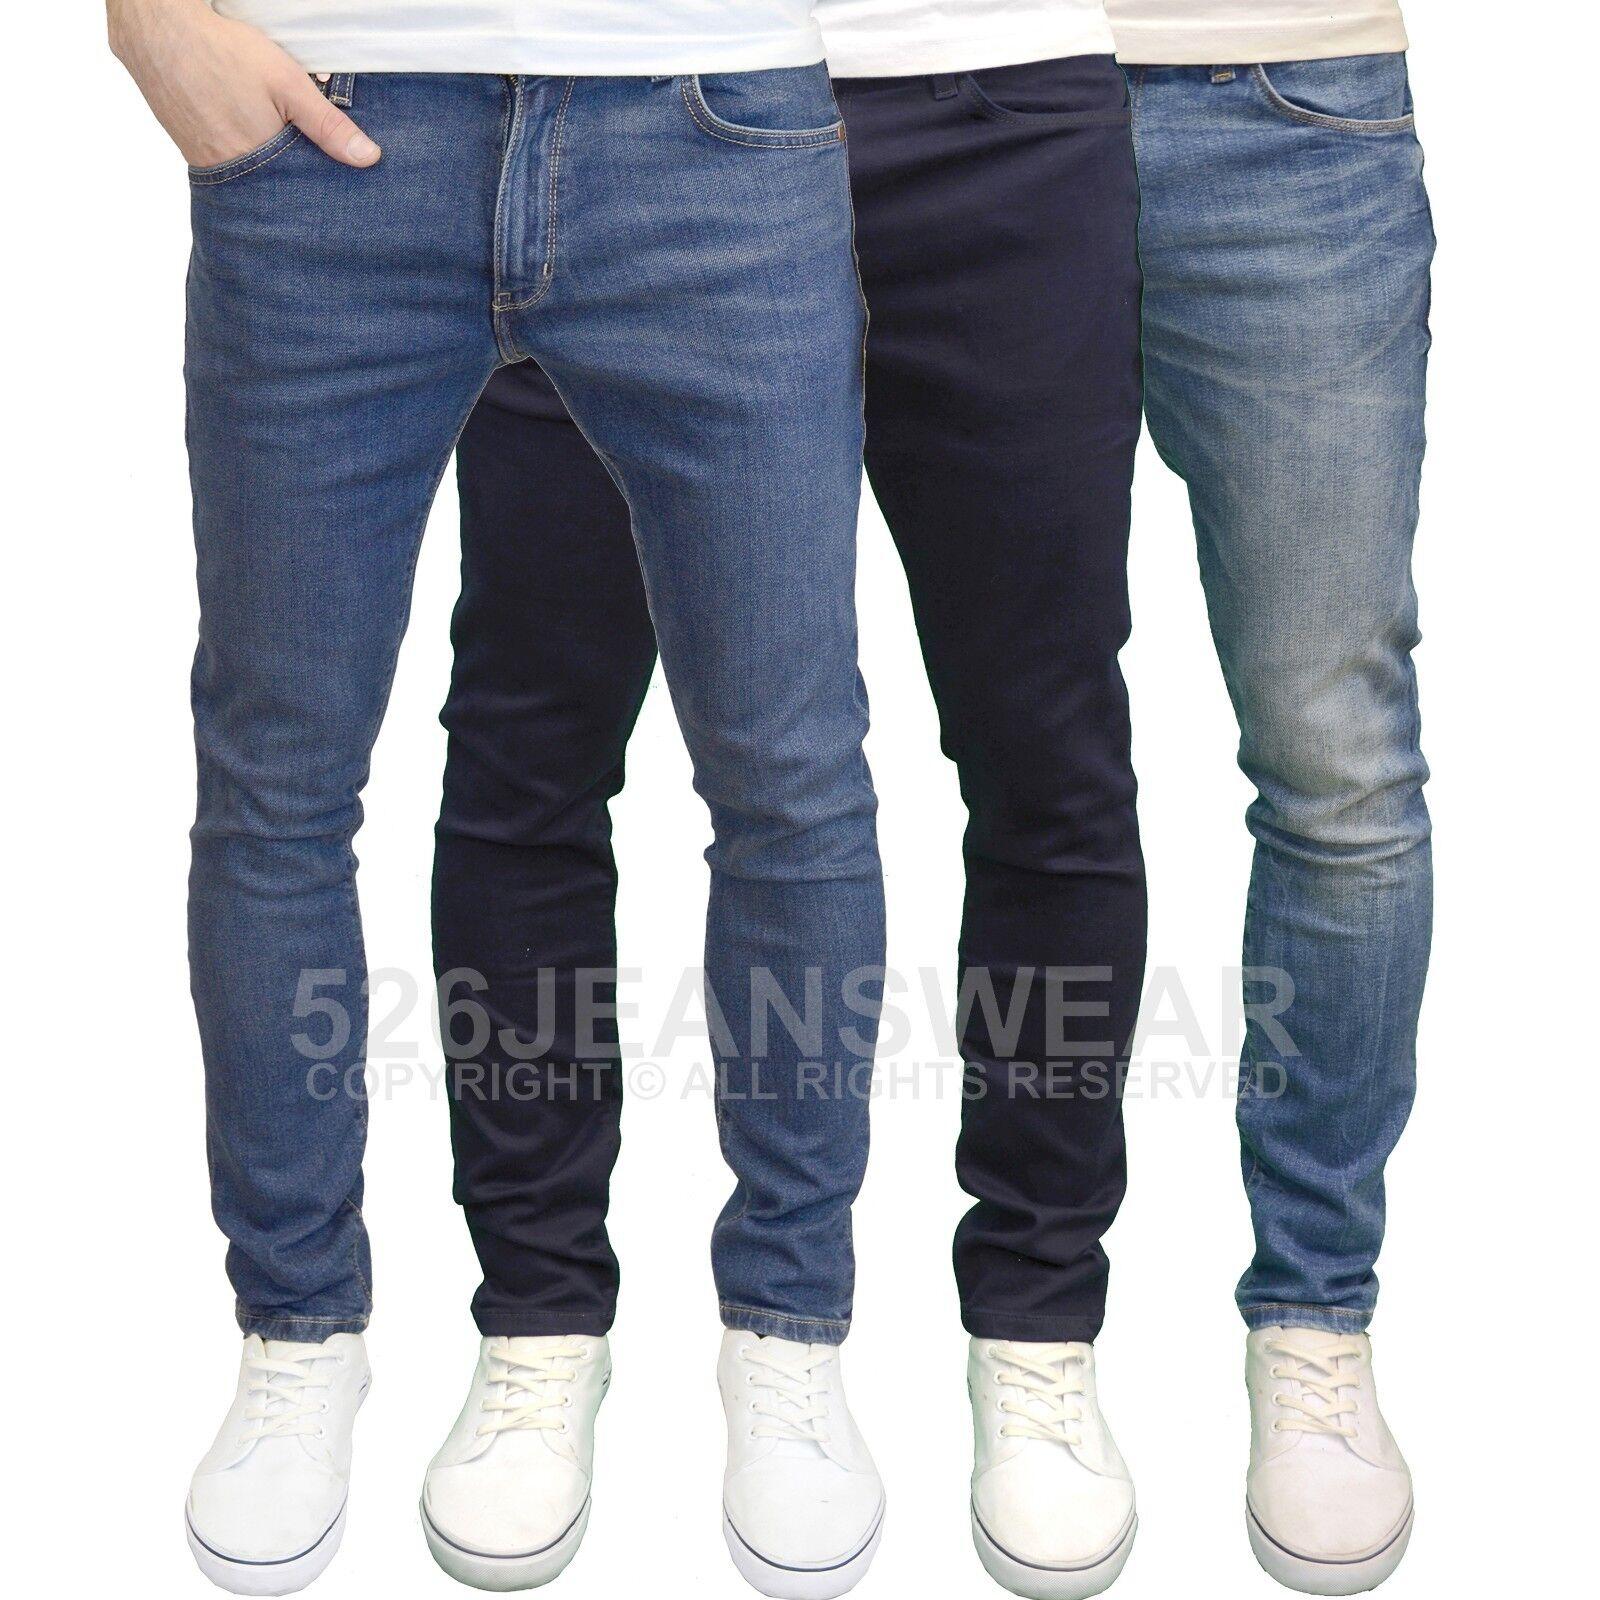 Wrangler Larston Mens Branded Slim Fit Tapered Leg Jeans, BNWT